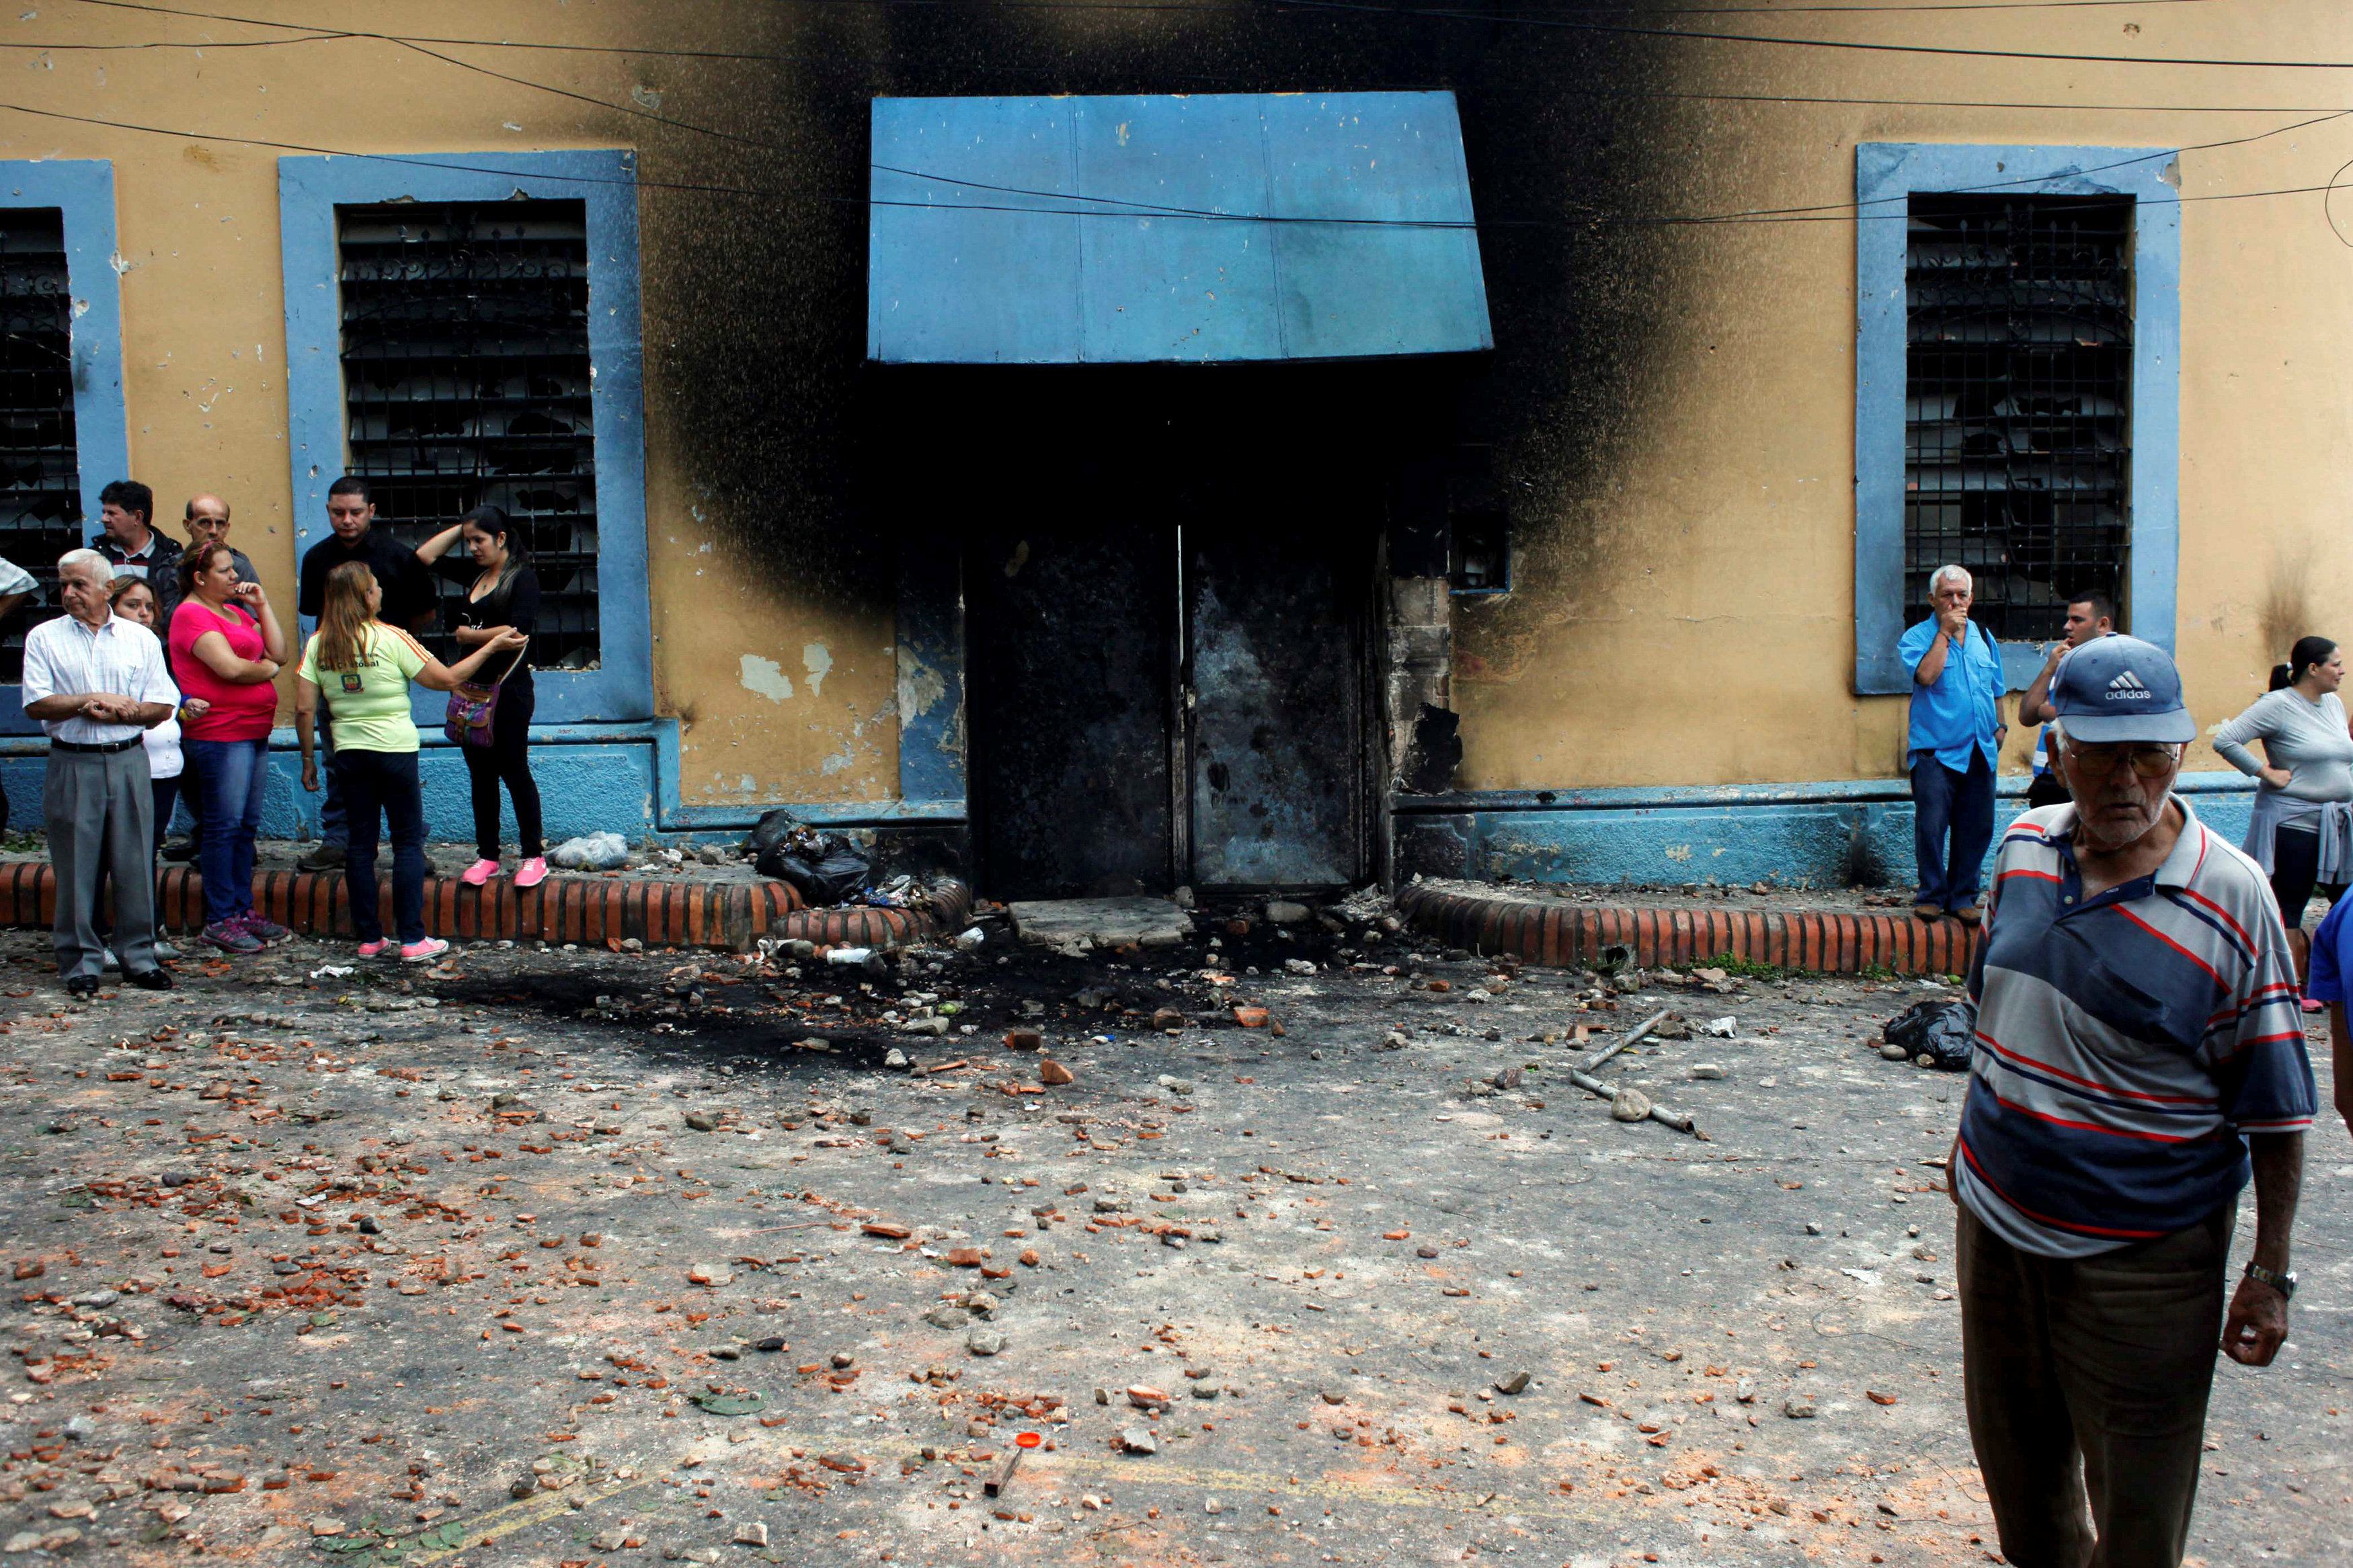 La fachada quemada de una comisaría se ve durante una protesta contra el gobierno del presidente de Venezuela, Nicolás Maduro, en Palmira, Táchira, 16 de mayo de 2017. Foto: Reuters/ Carlos Eduardo Ramírez